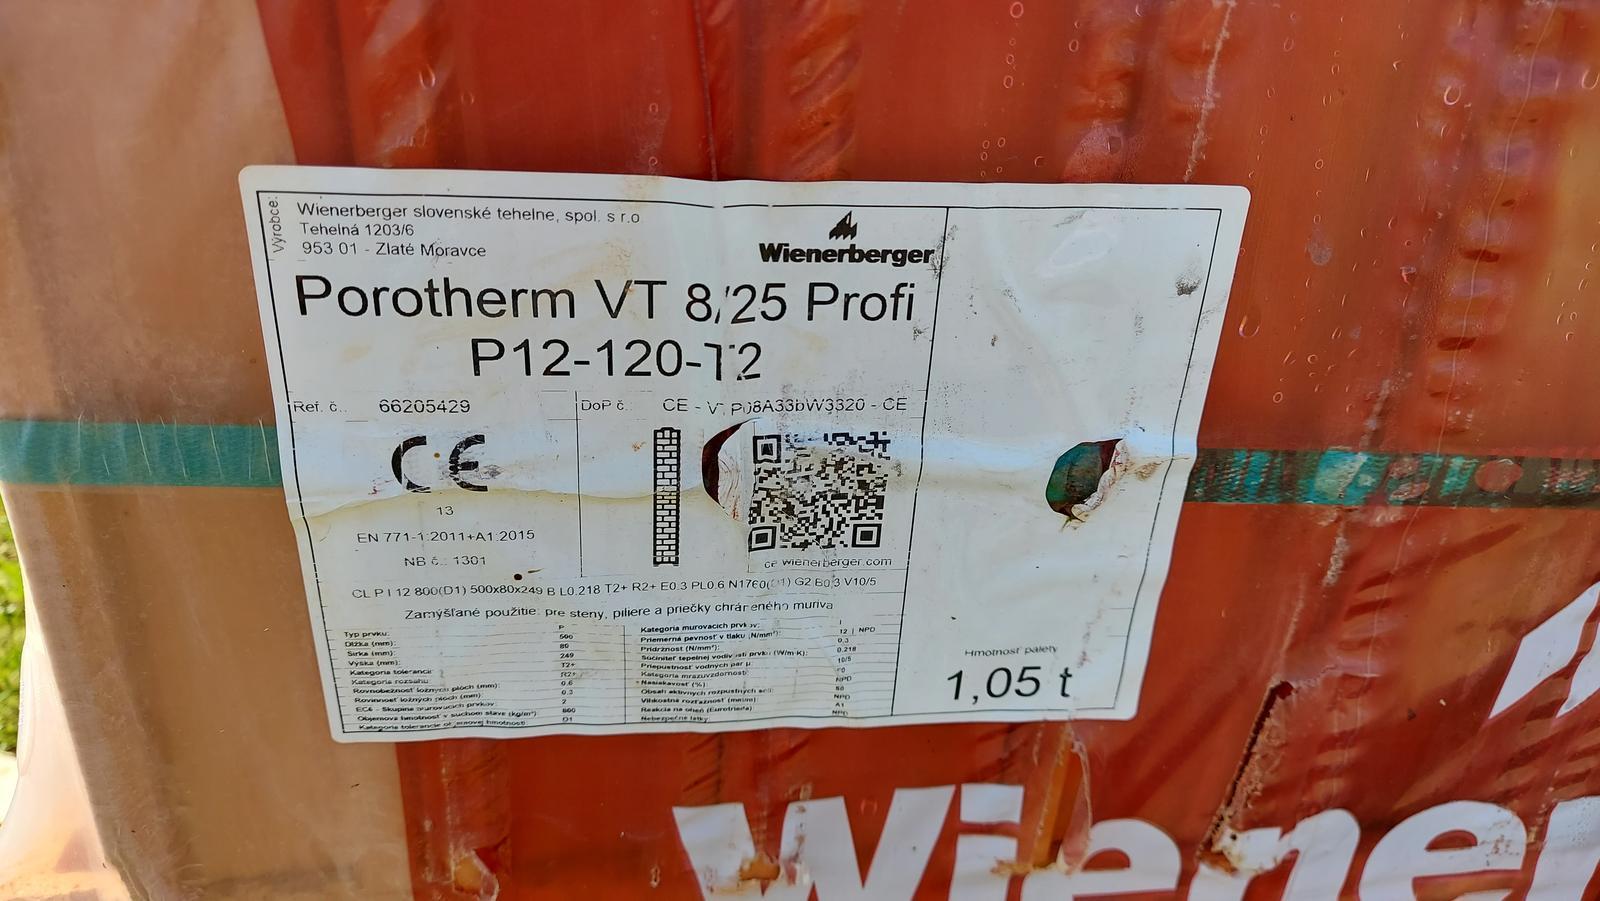 Prodám cihly Porotherm VT8/25 Profi - věncovky - Obrázek č. 1